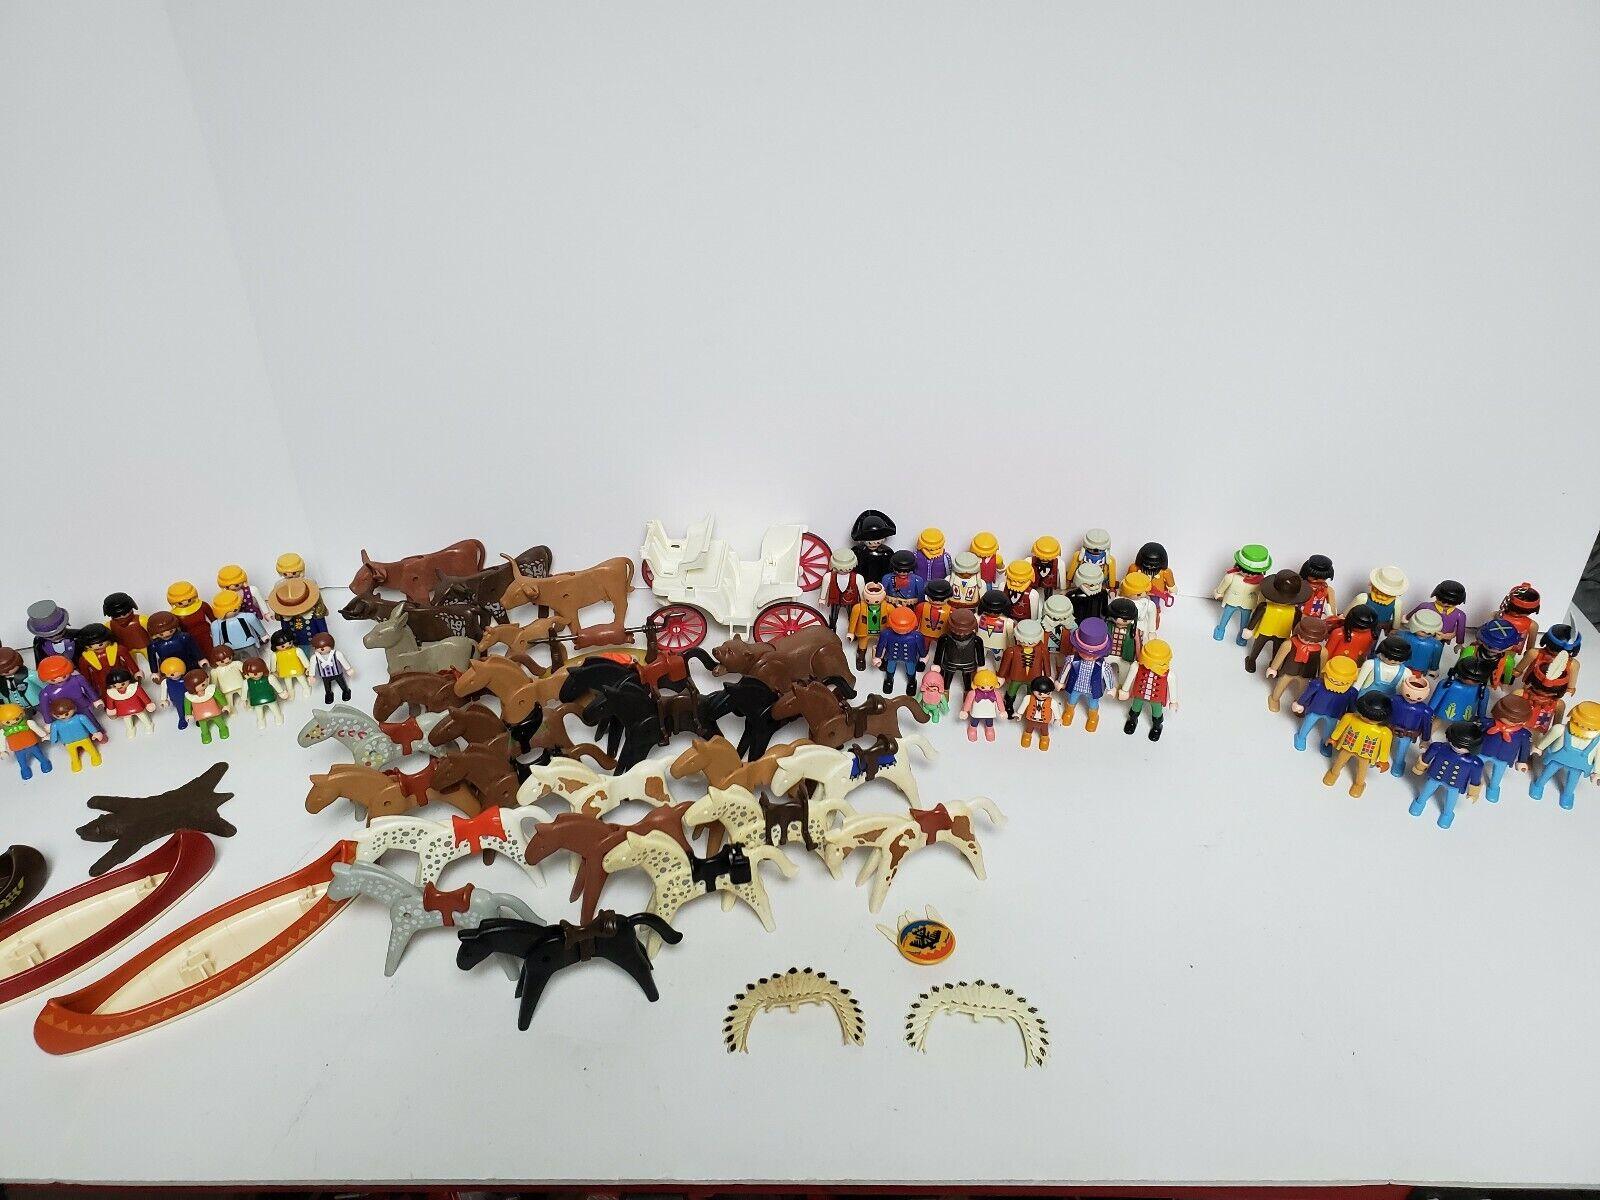 Vintage Playmobil  Années 70 années 80 et années 90 200 figures 1000 peices RARE  prix bas discount